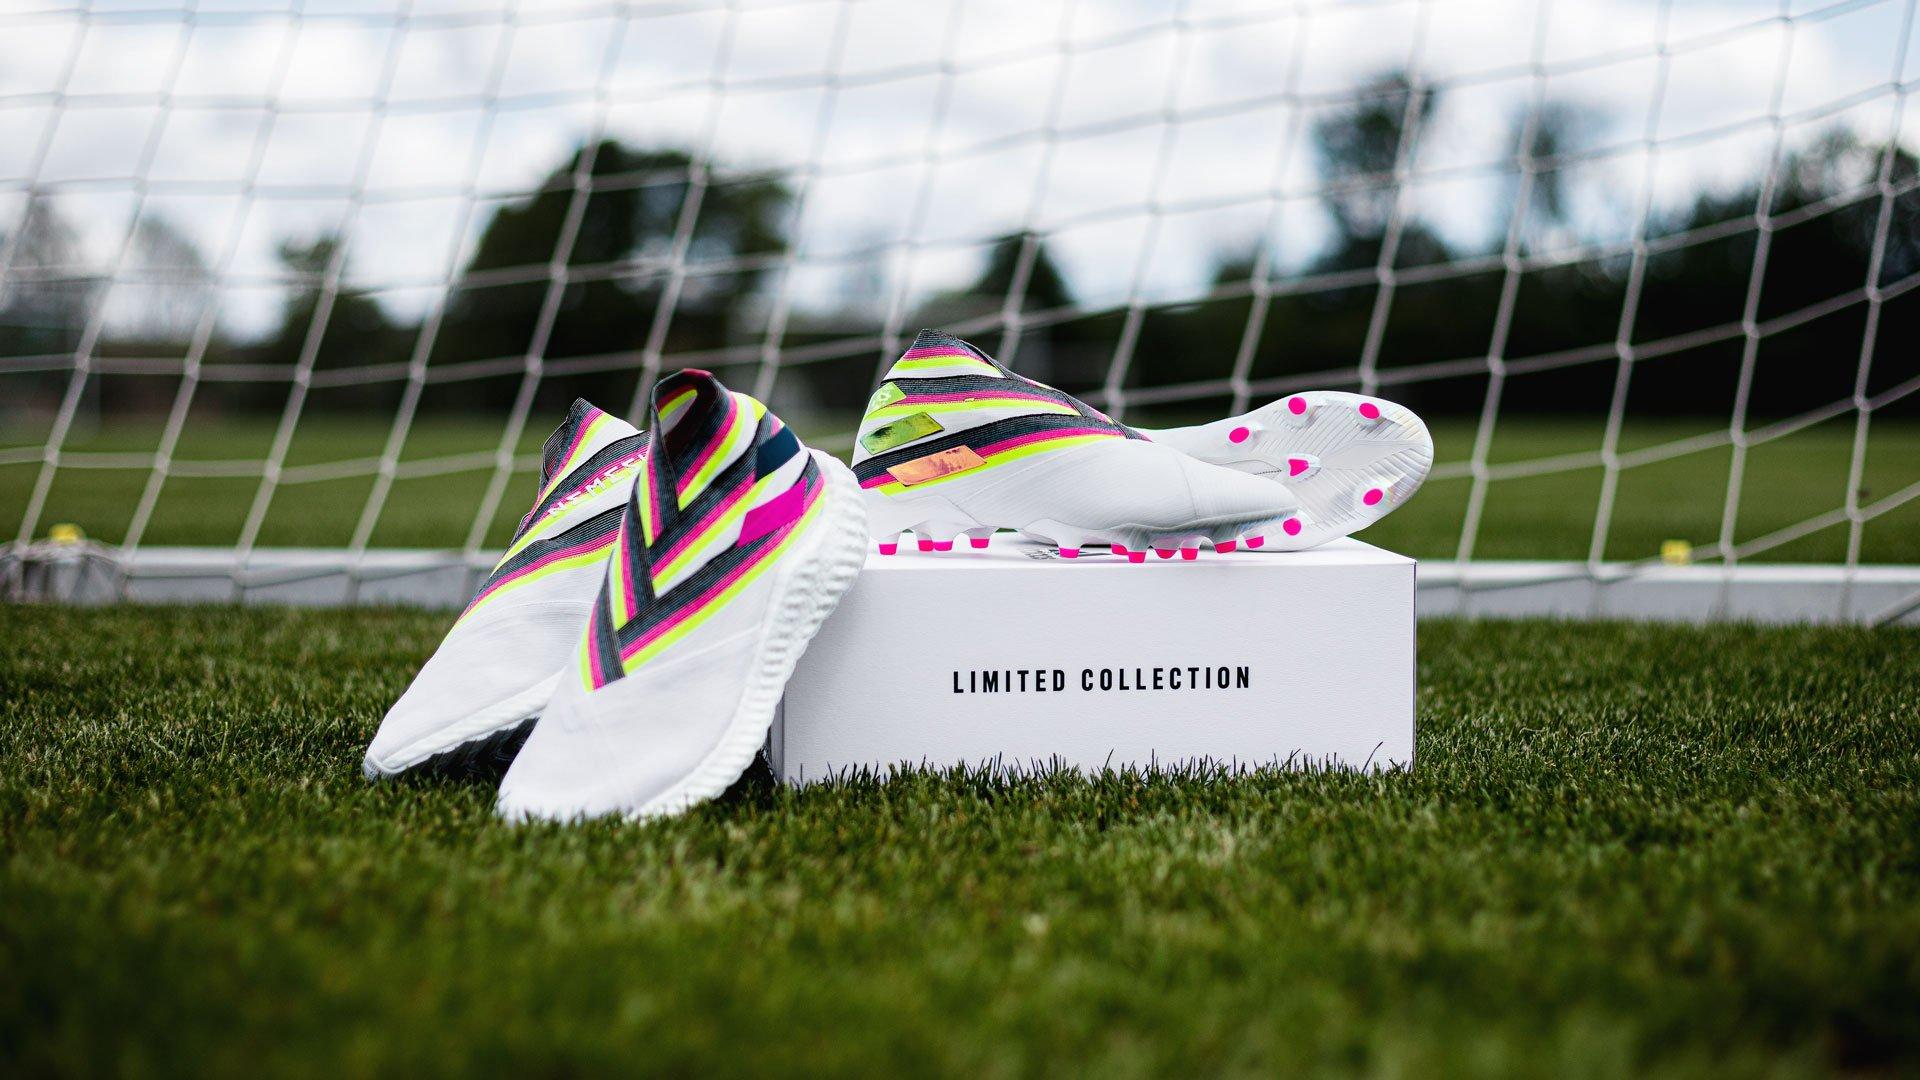 adidas Nemeziz 19+ Polarize Pack Læs mere om    adidas Nemeziz 19+ Polarize Pack   title=  6c513765fc94e9e7077907733e8961cc          Read more about the